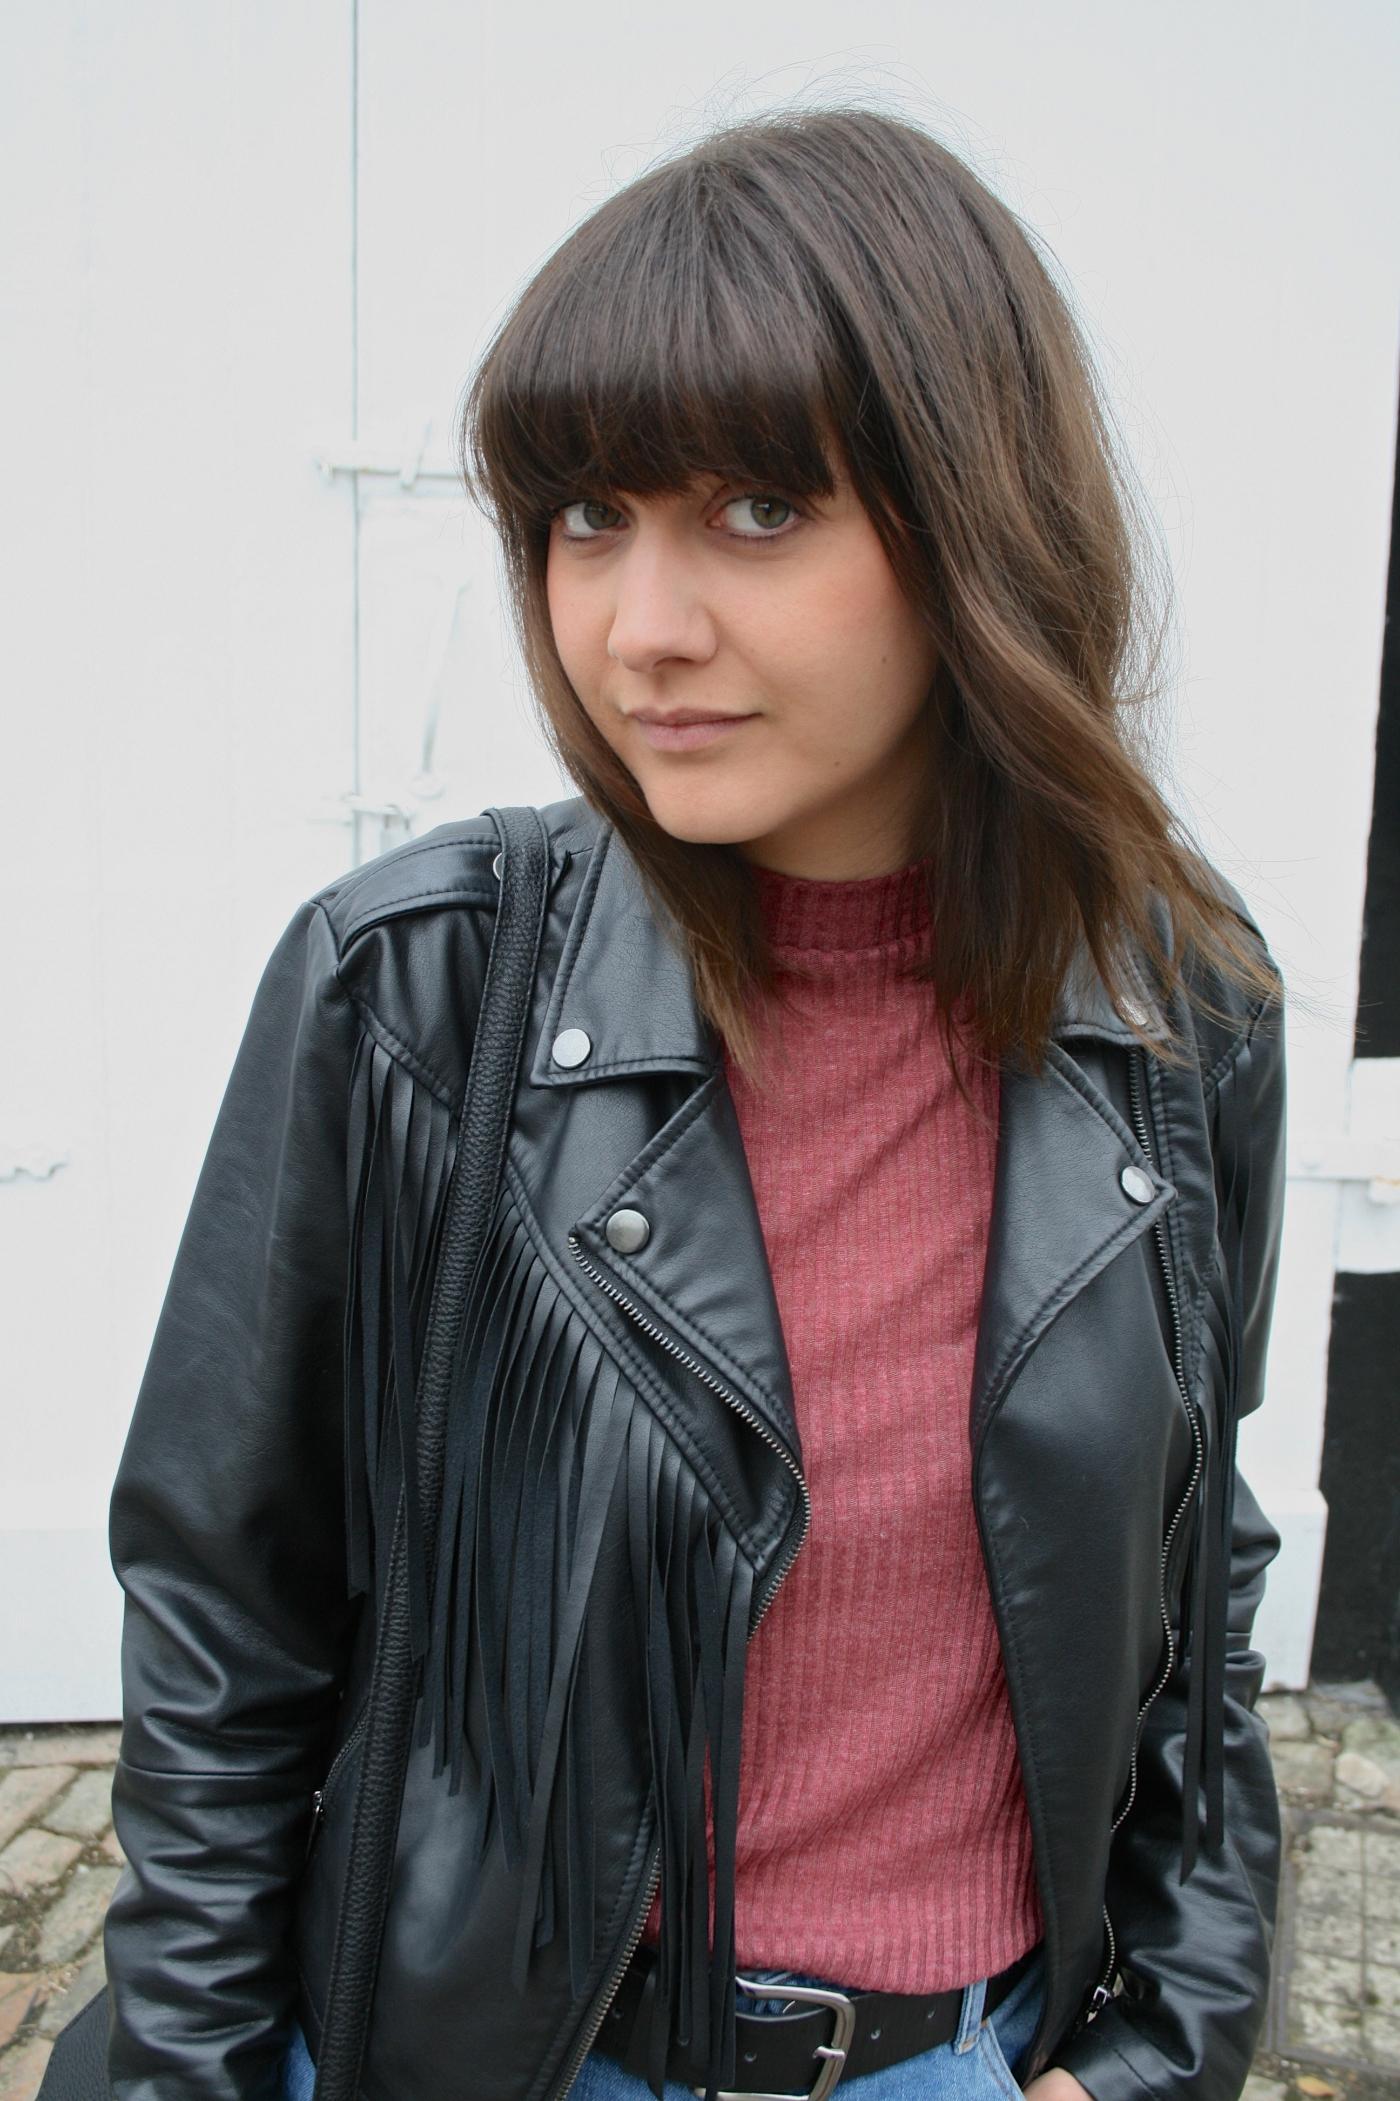 leather jacket with fringing